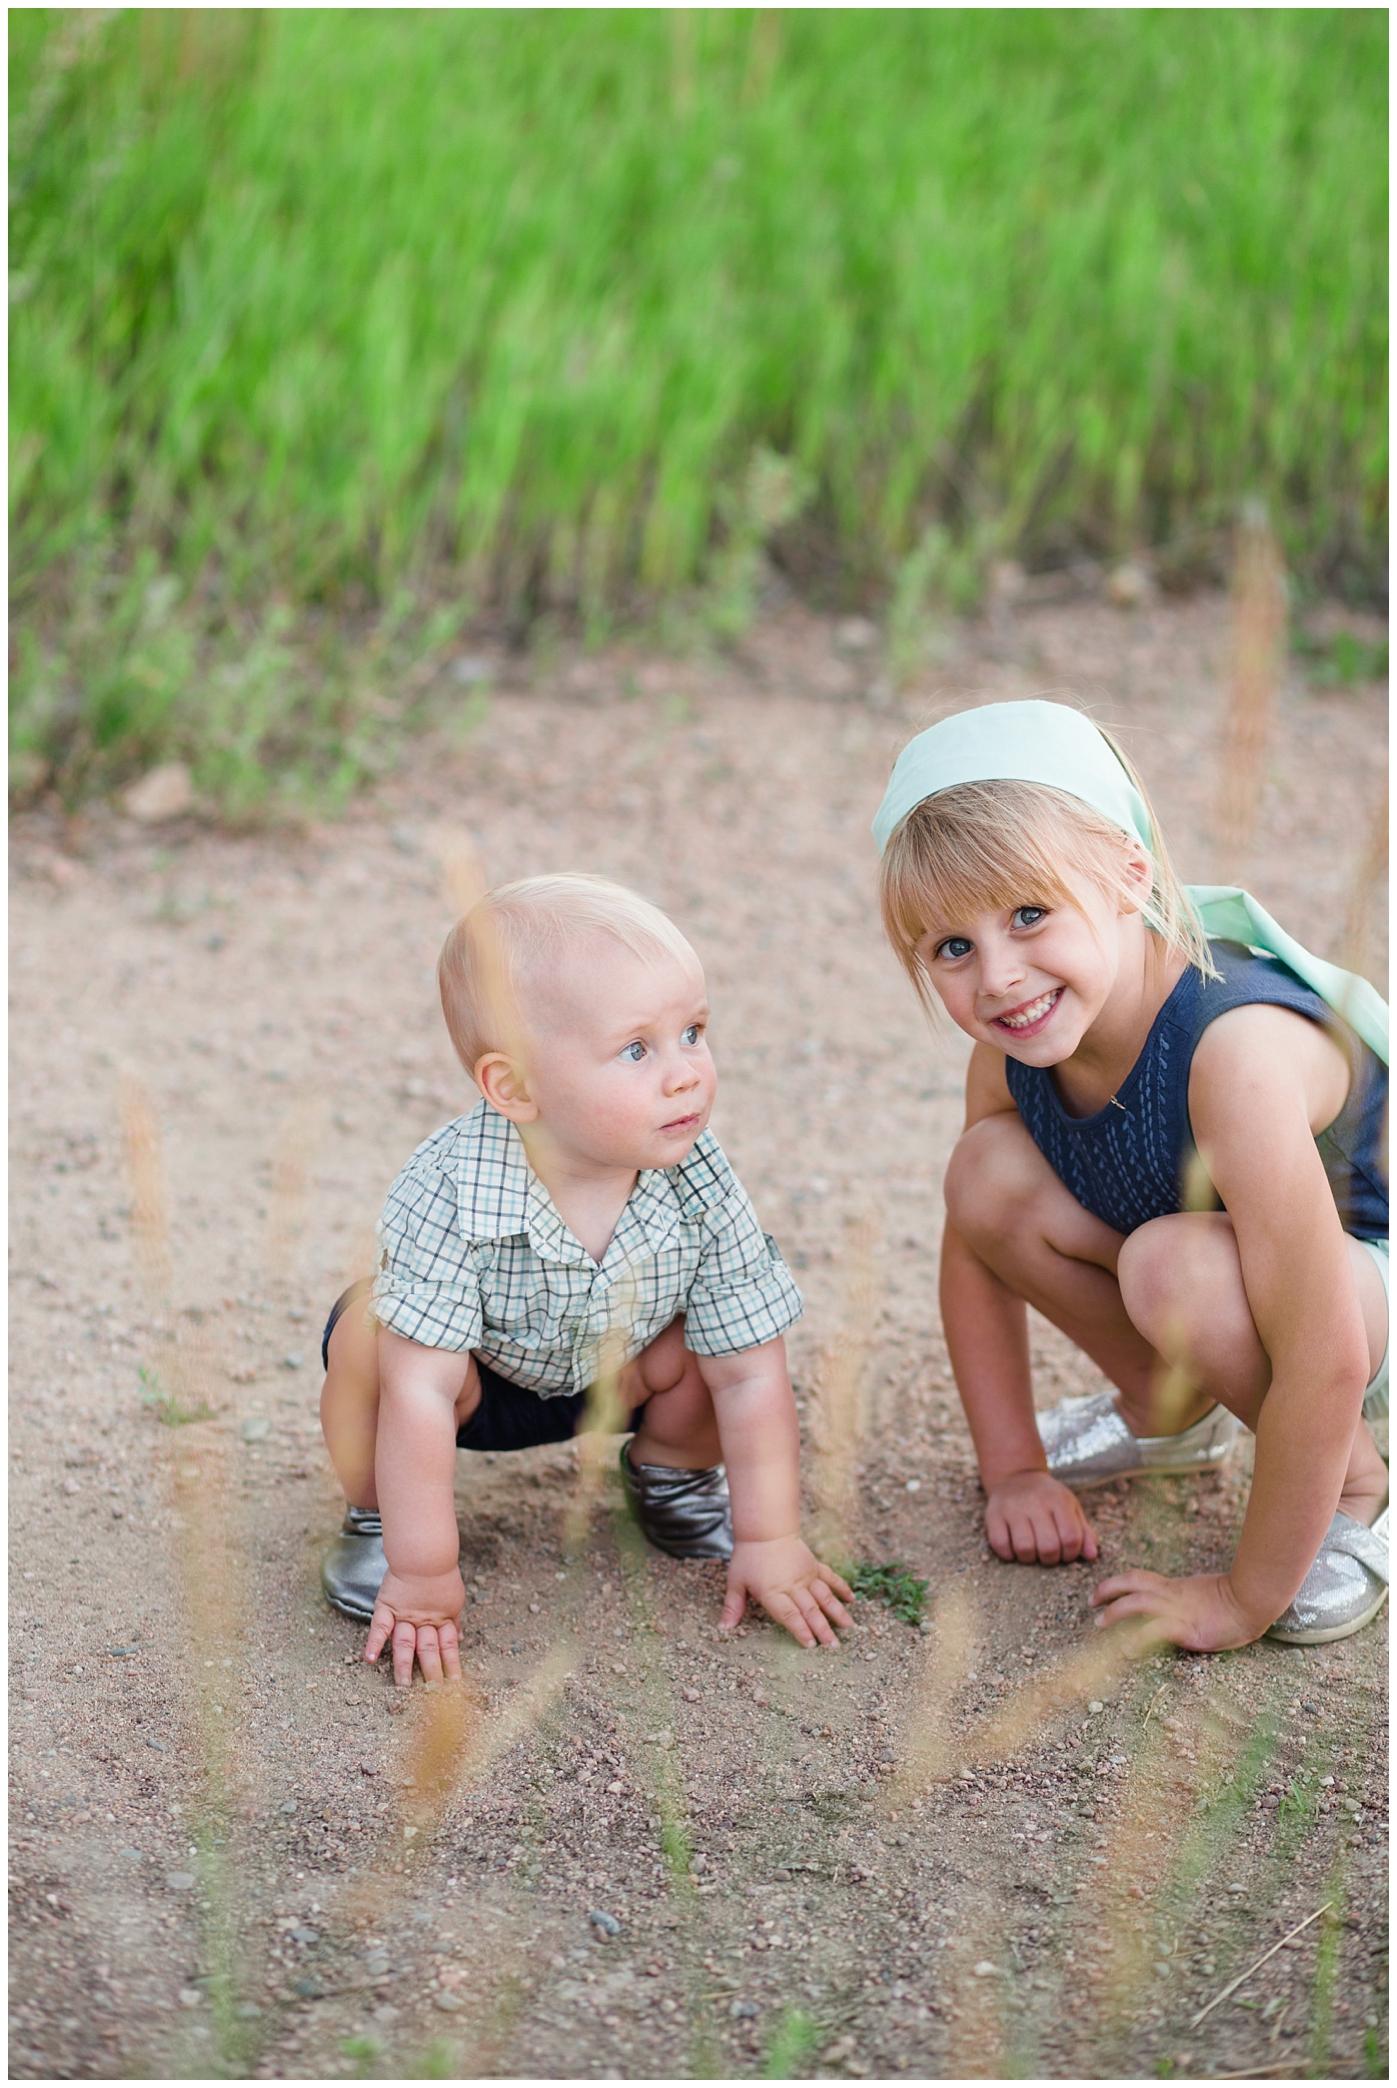 20150728FamilySunderlandJessica043_fort collins family photographer.jpg